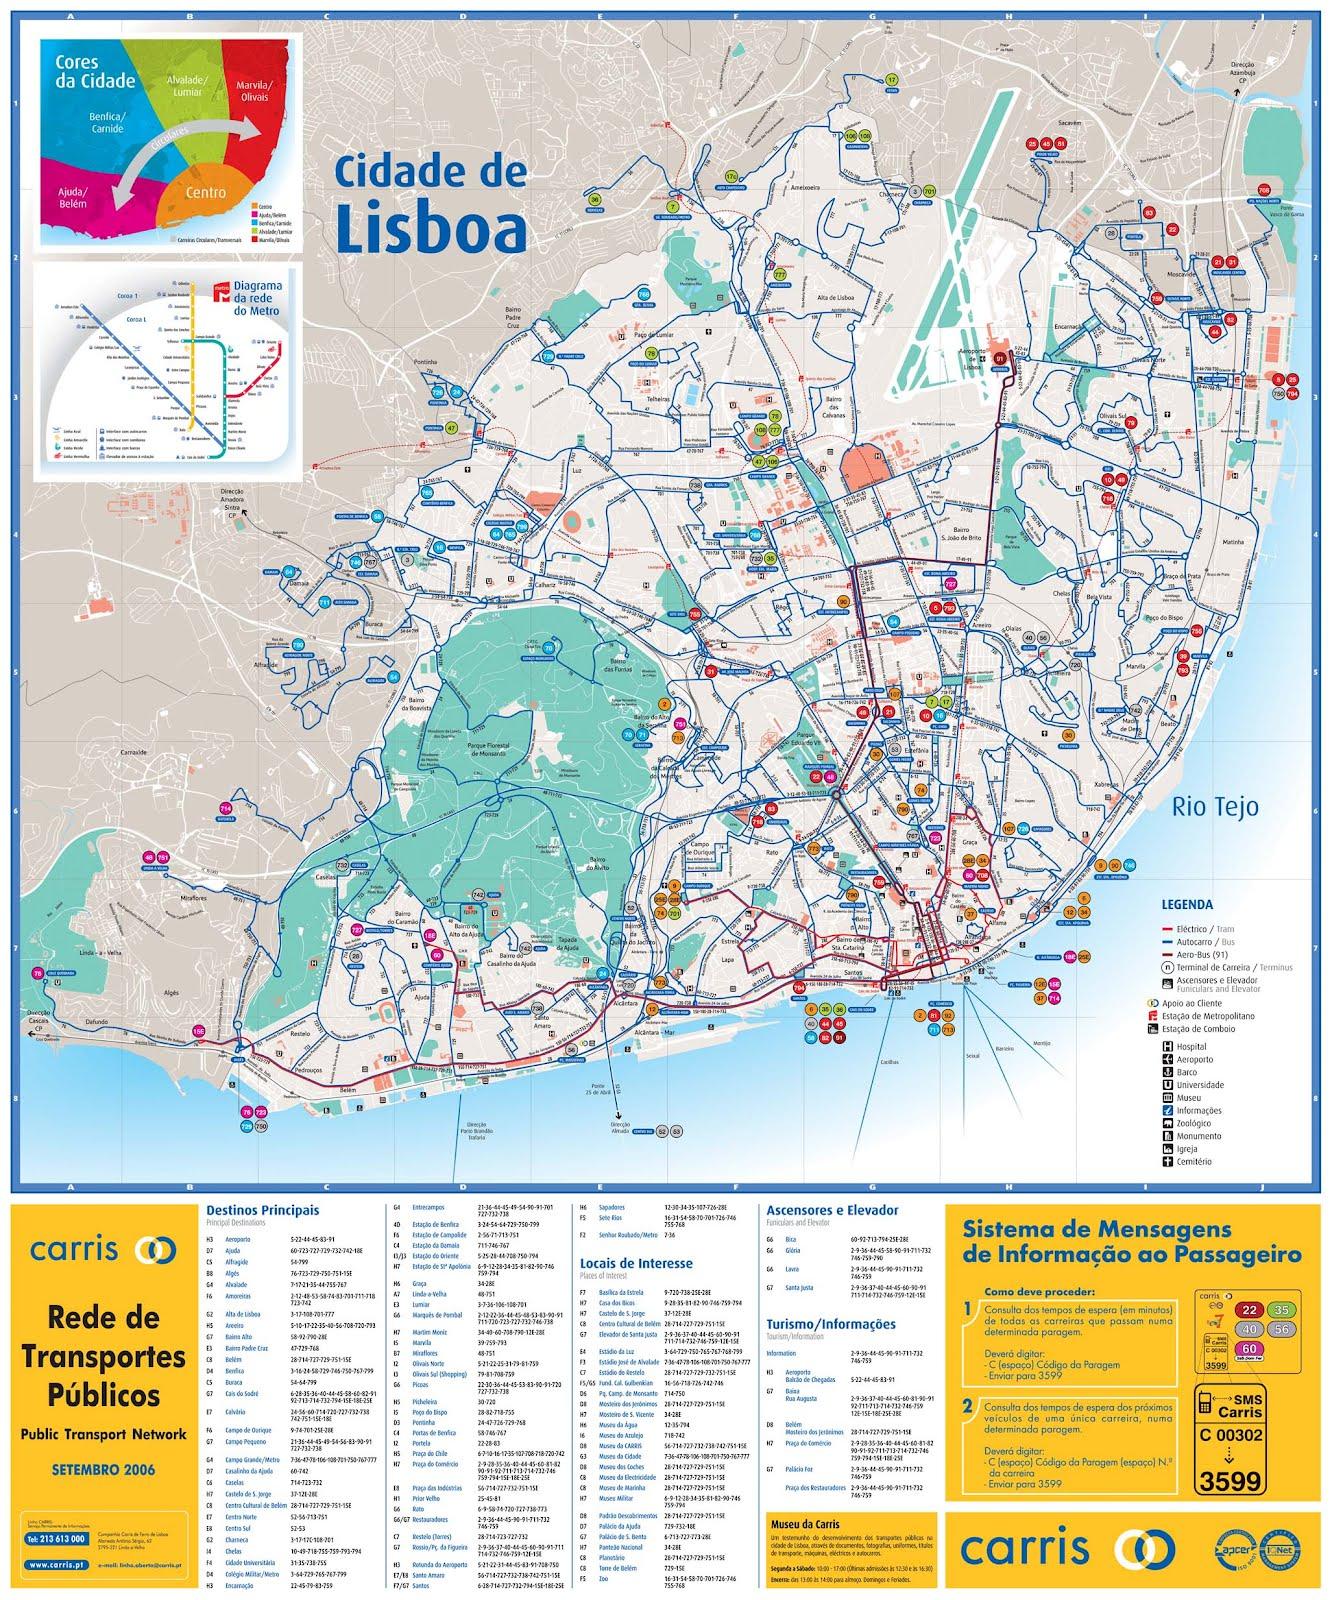 mapa de lisboa e arredores Mapas de Lisboa   Portugal | MapasBlog mapa de lisboa e arredores